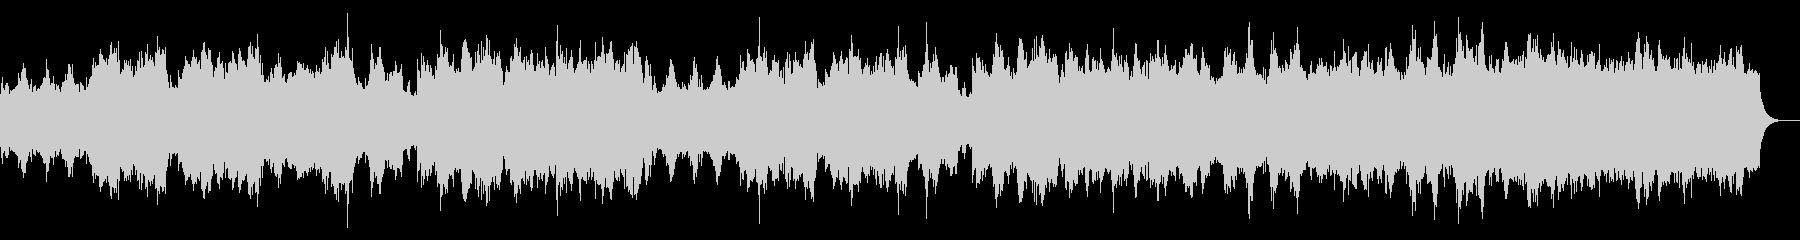 ハロウィン系BGM 魔法の森 ロング版の未再生の波形